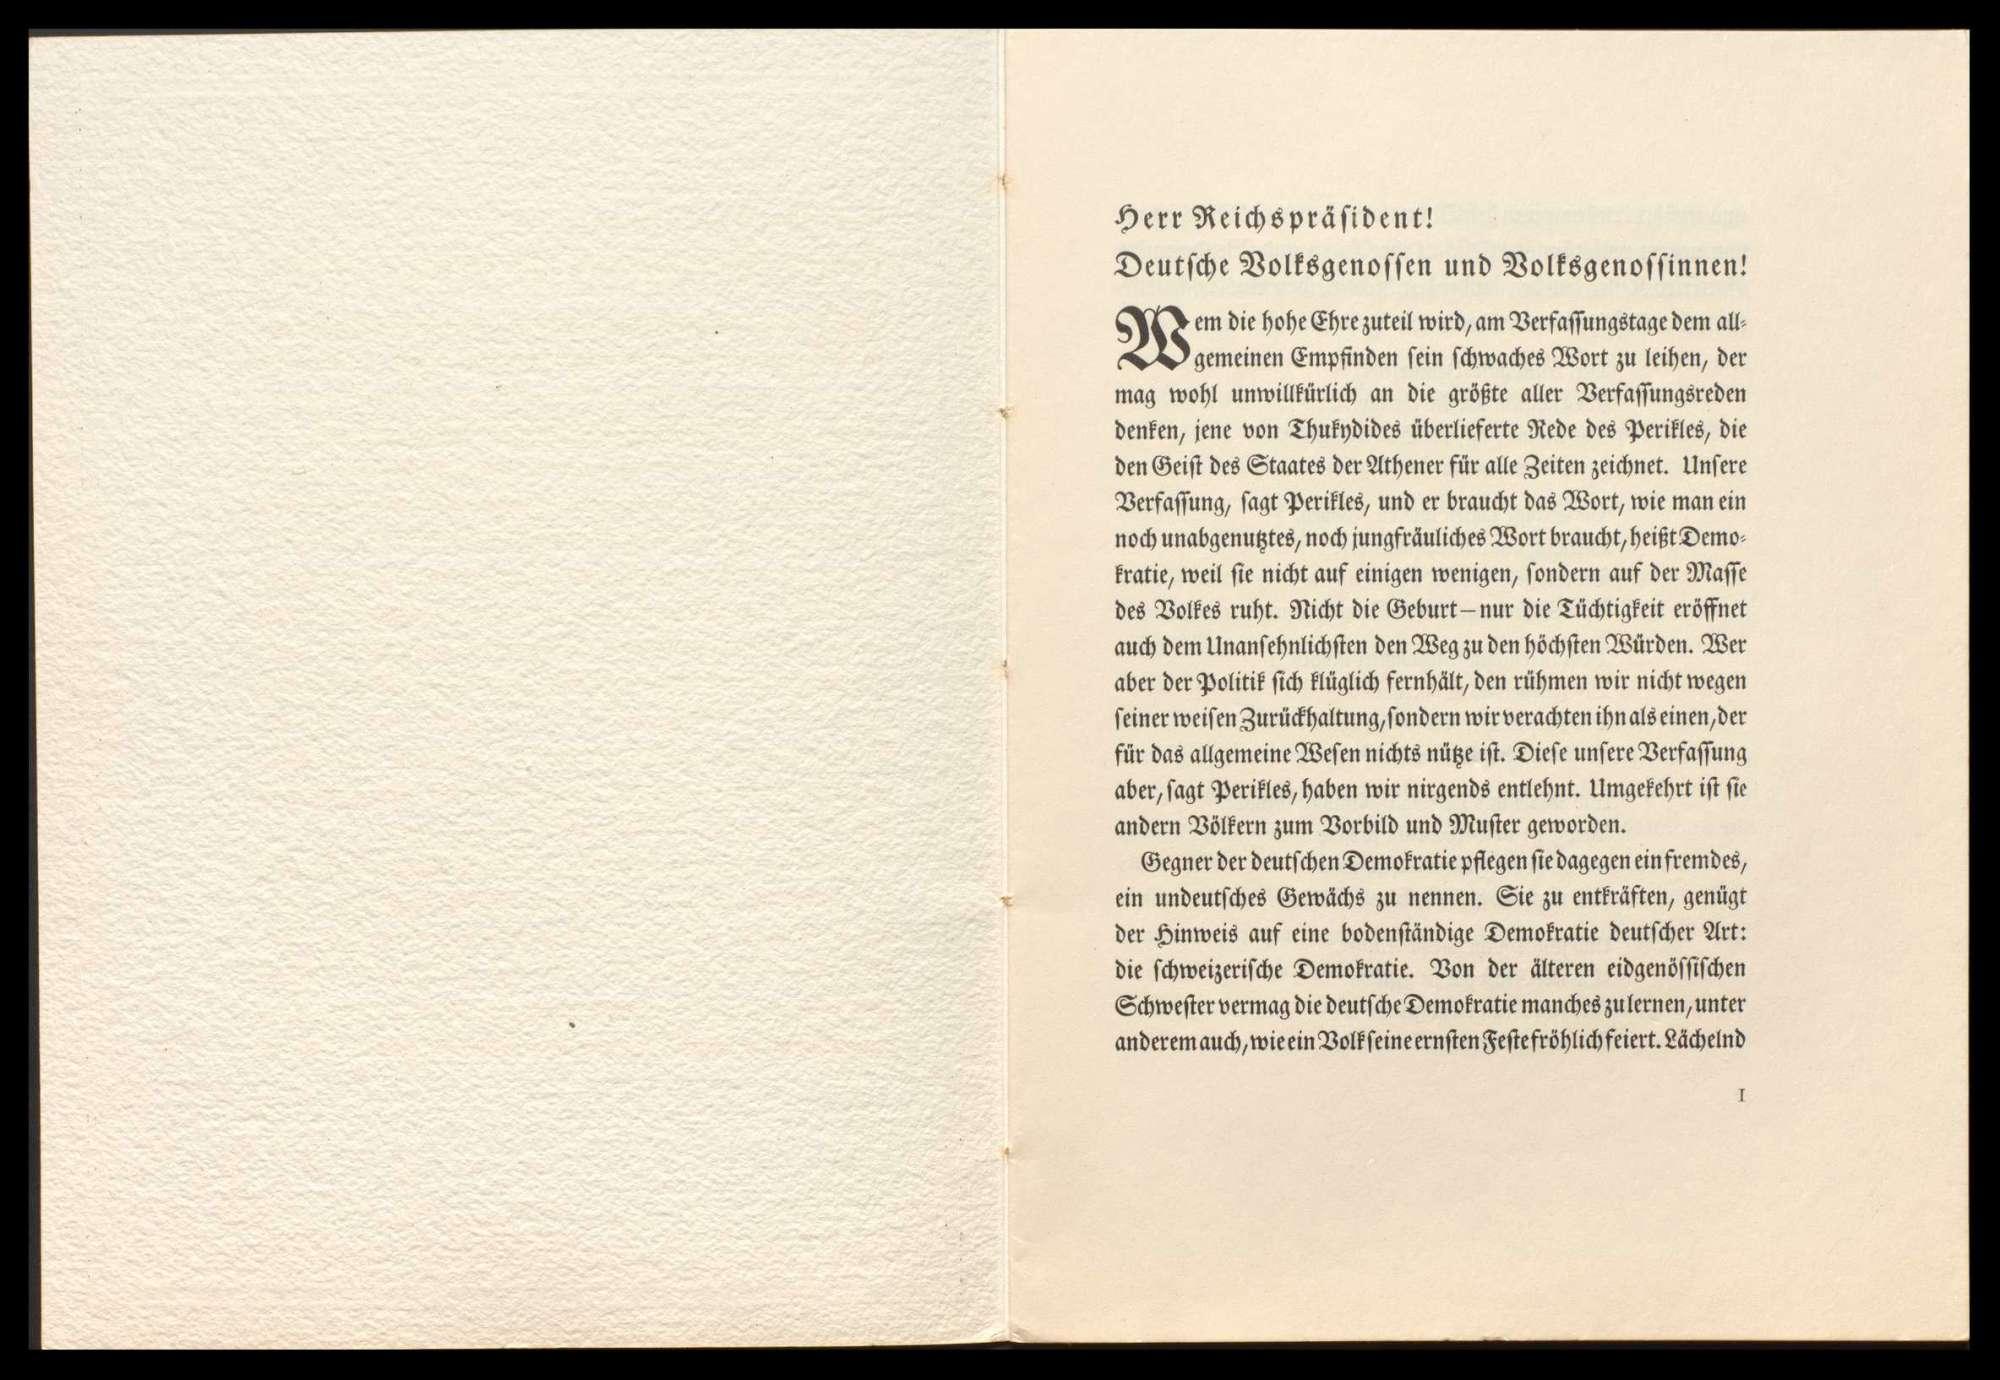 Abhaltung von Feiern zum Verfassungstag 1924-1928, Bild 3